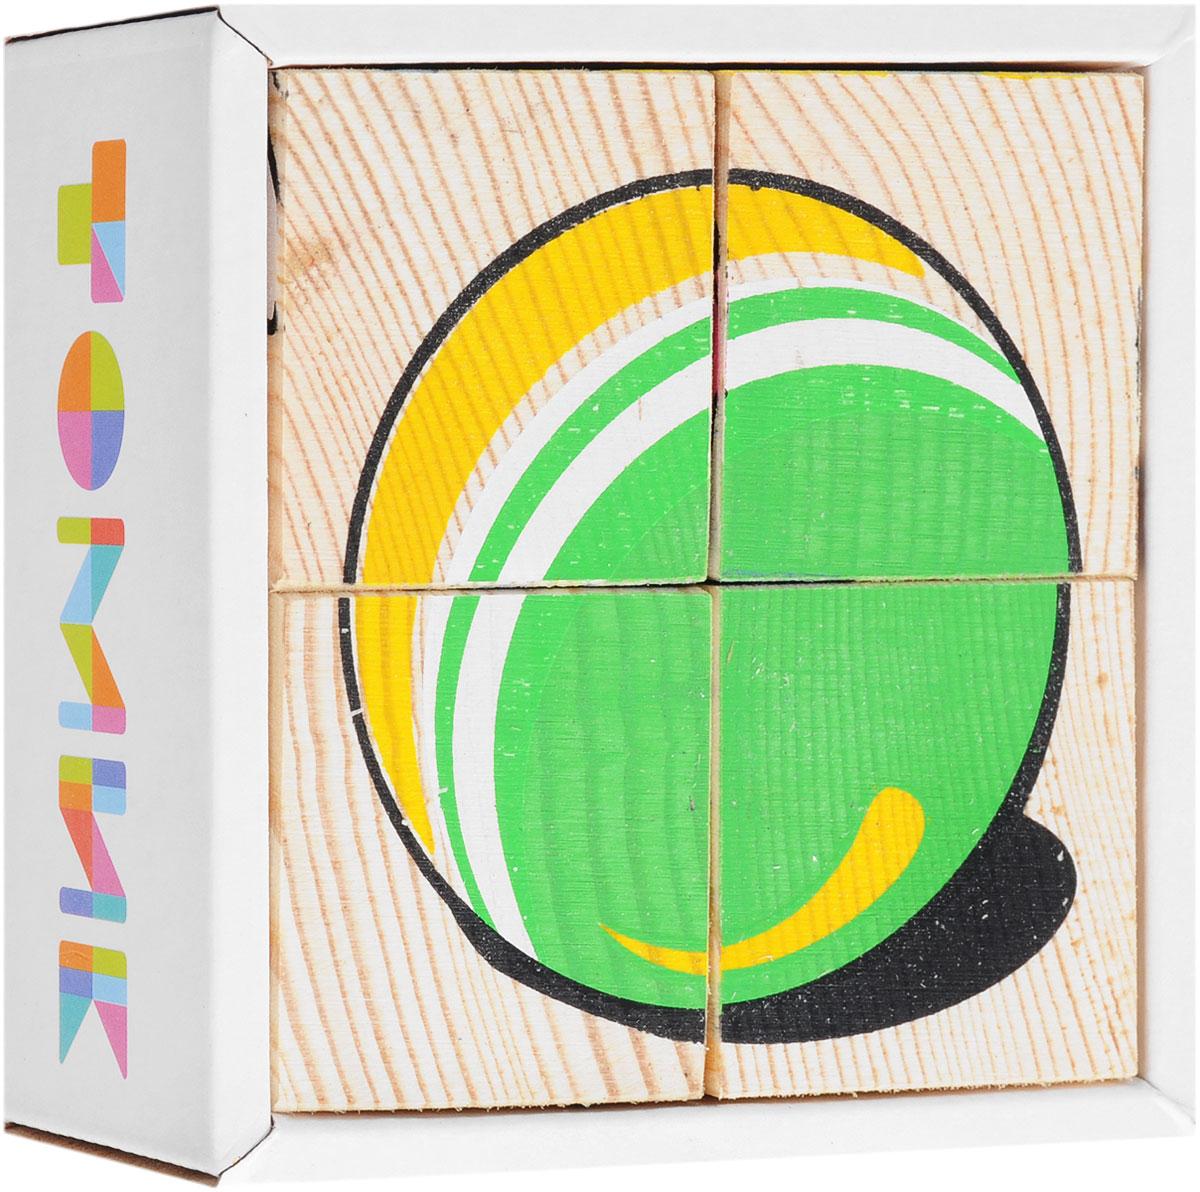 Томик Кубики Игрушки кубики русские деревянные игрушки транспорт 6 шт д488а